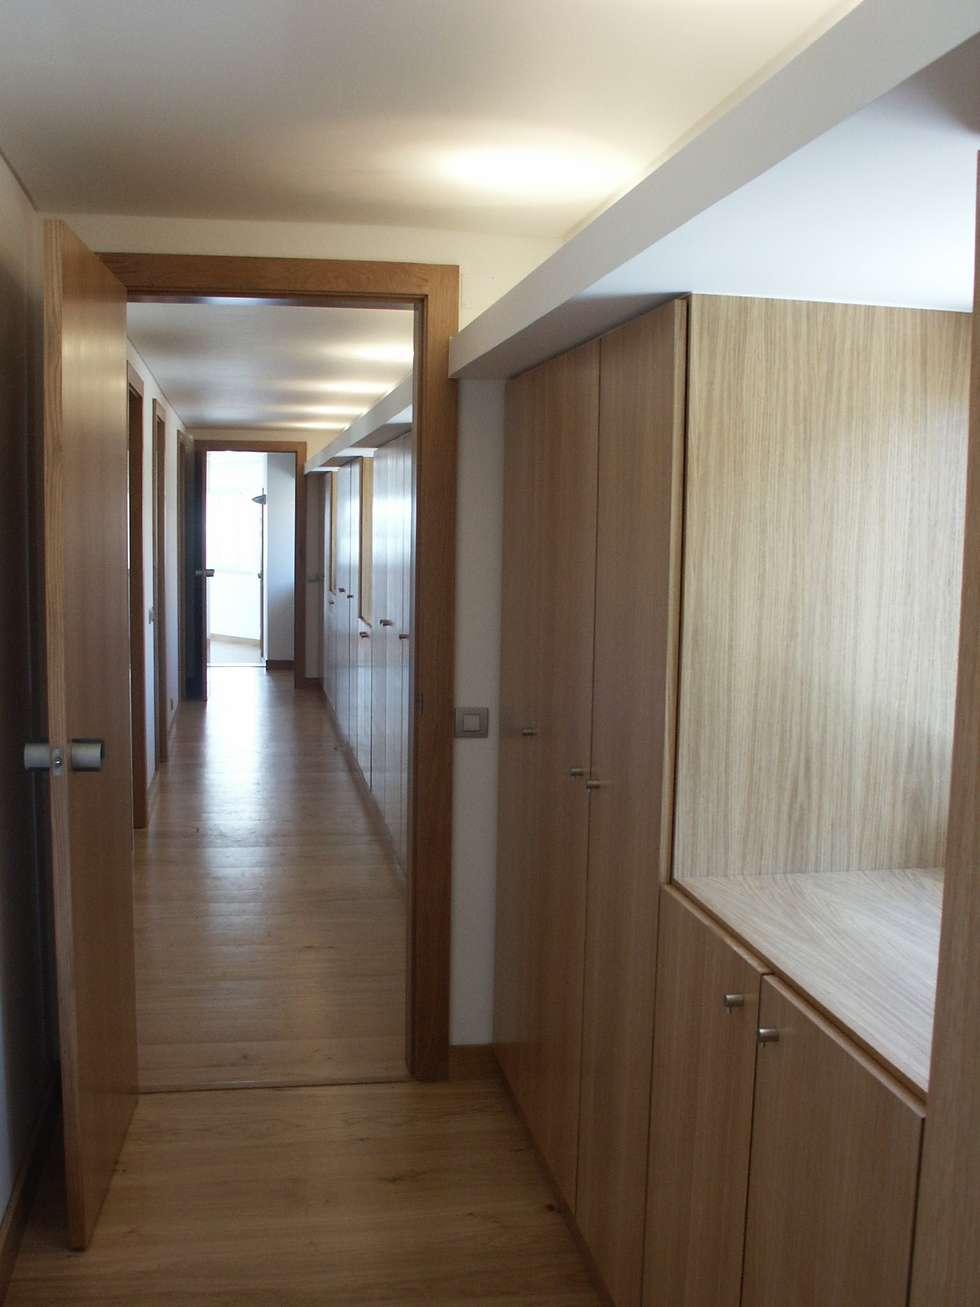 Circulações interiores e arrumos: Corredores e halls de entrada  por Pardal Monteiro Arquitetos, lda